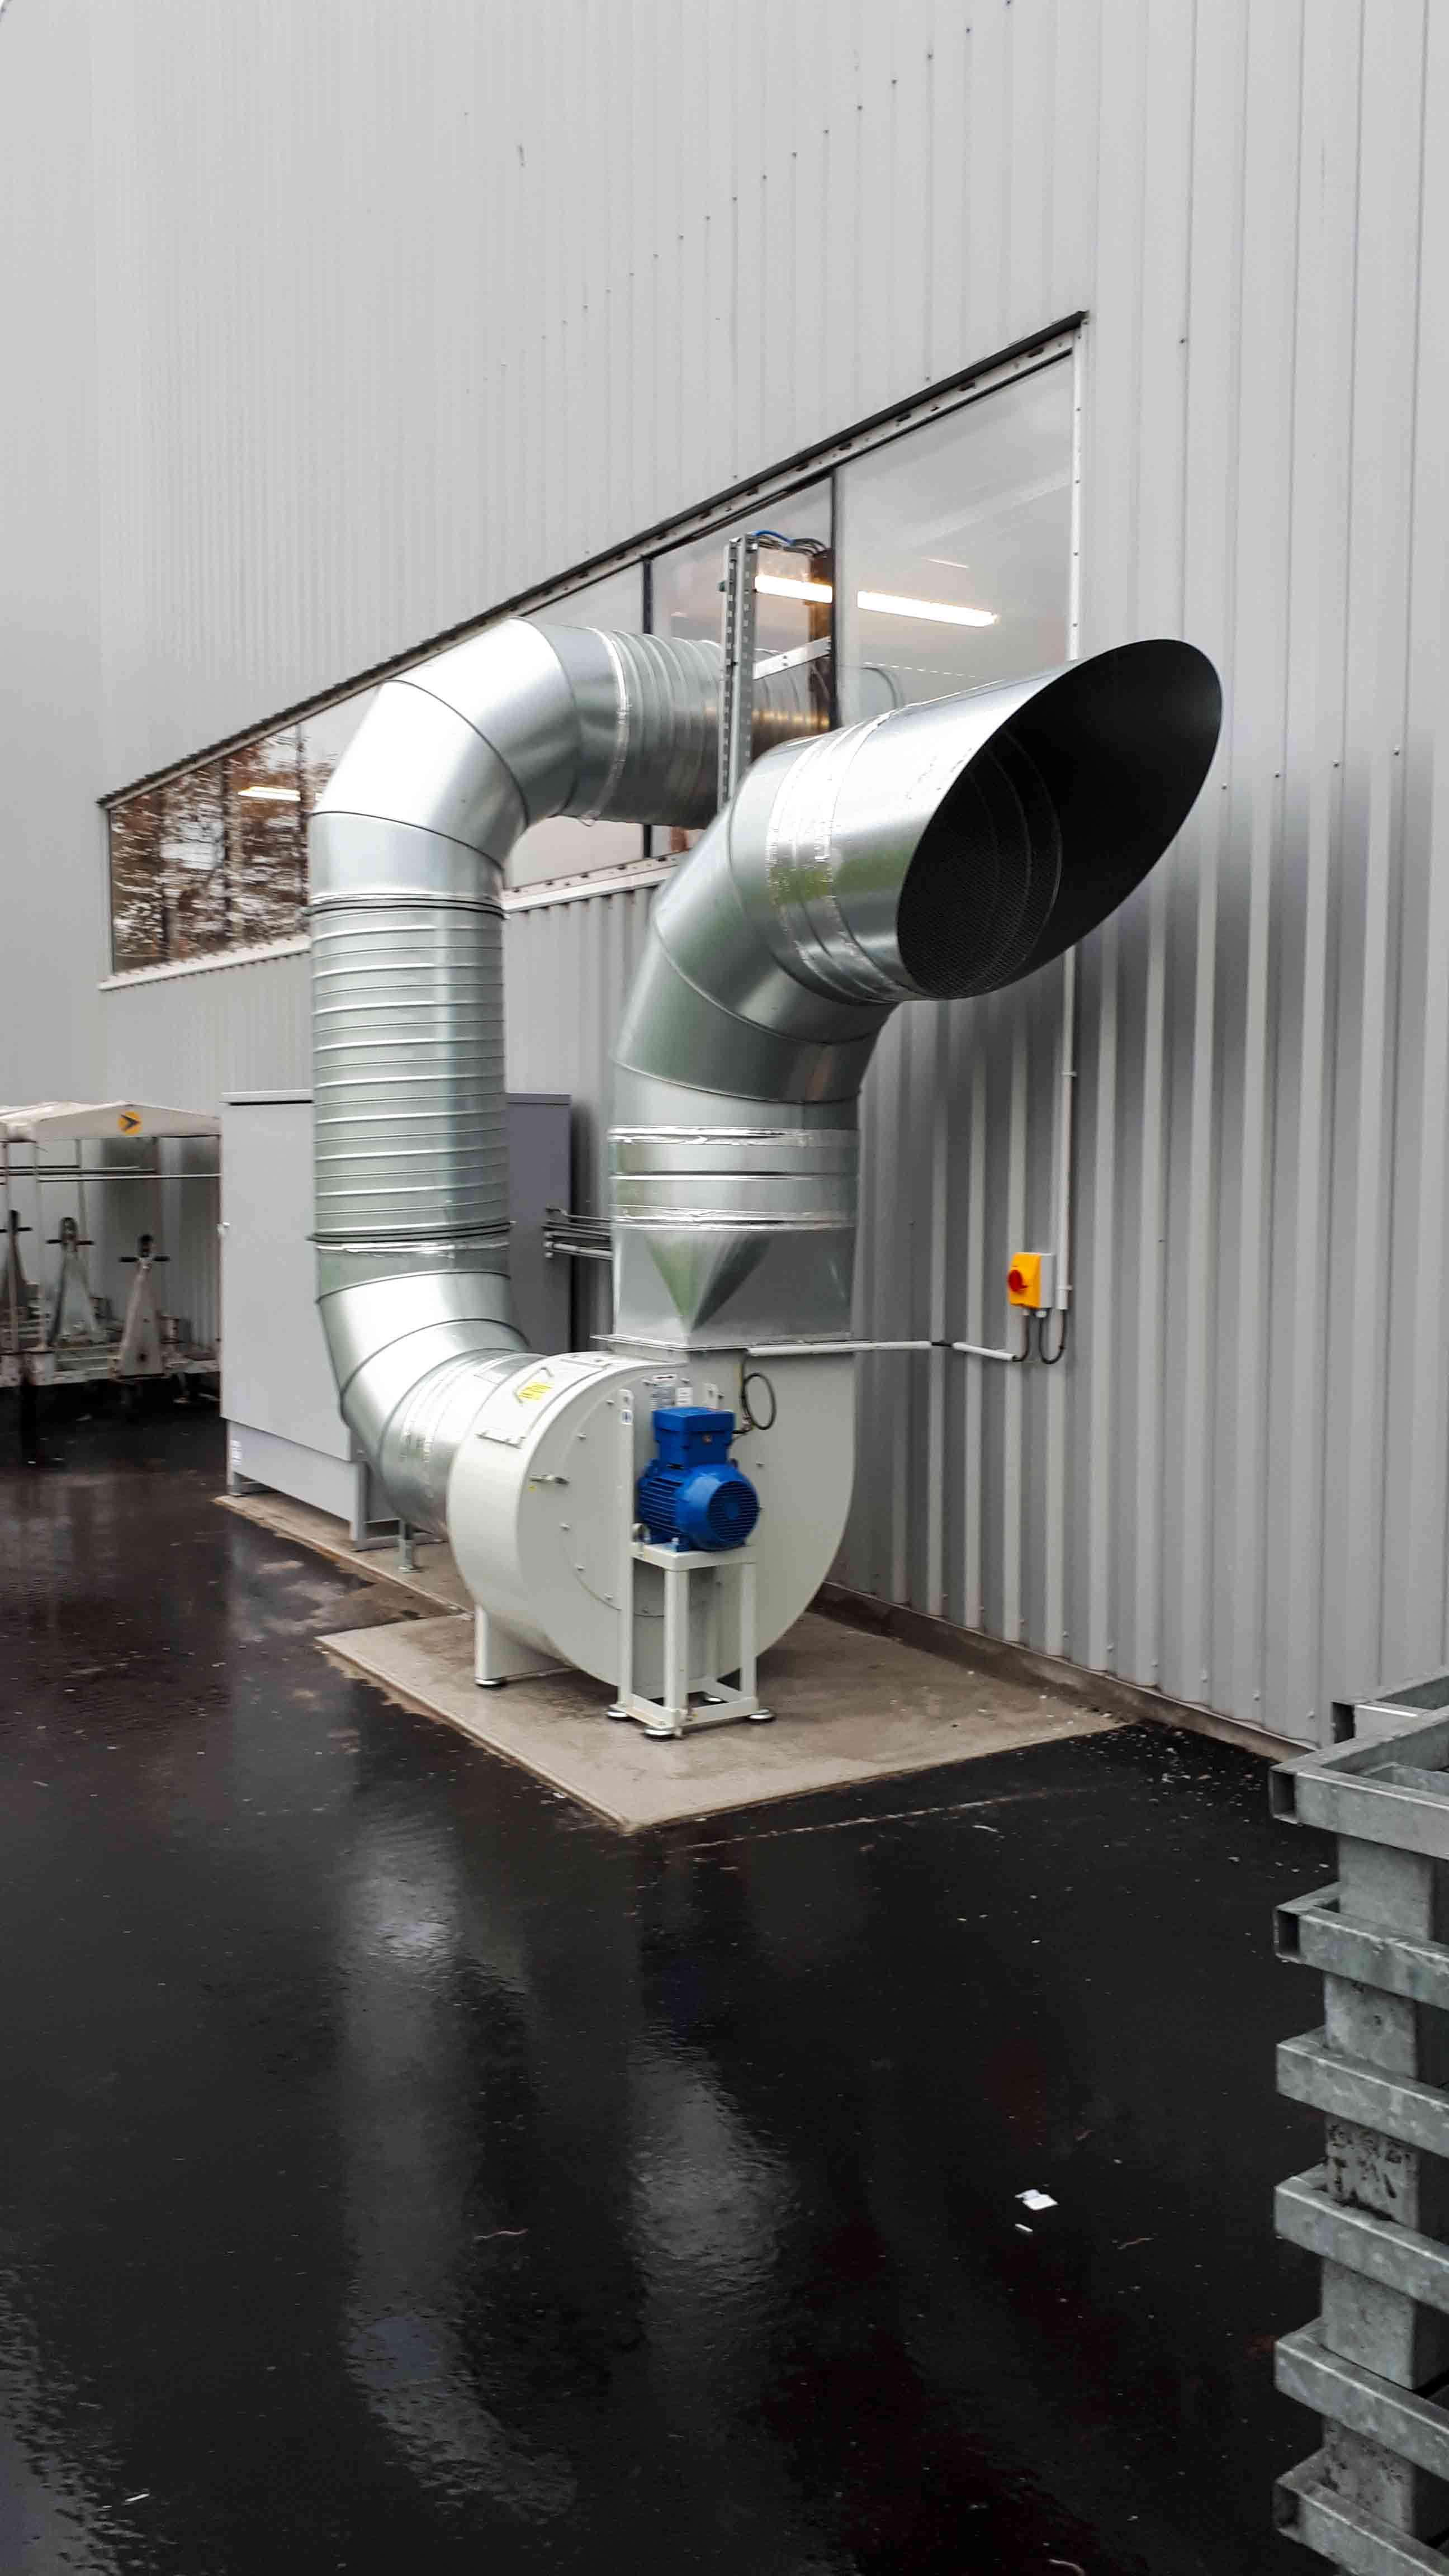 Ventilateur ATEX pour mise en dépression d'une cabine aspirante pour vapeur d'éthanol dans milieu aéronautique. Gaine en acier galvanisée spiralée et rejet extérieur avec sifflet grillagé.